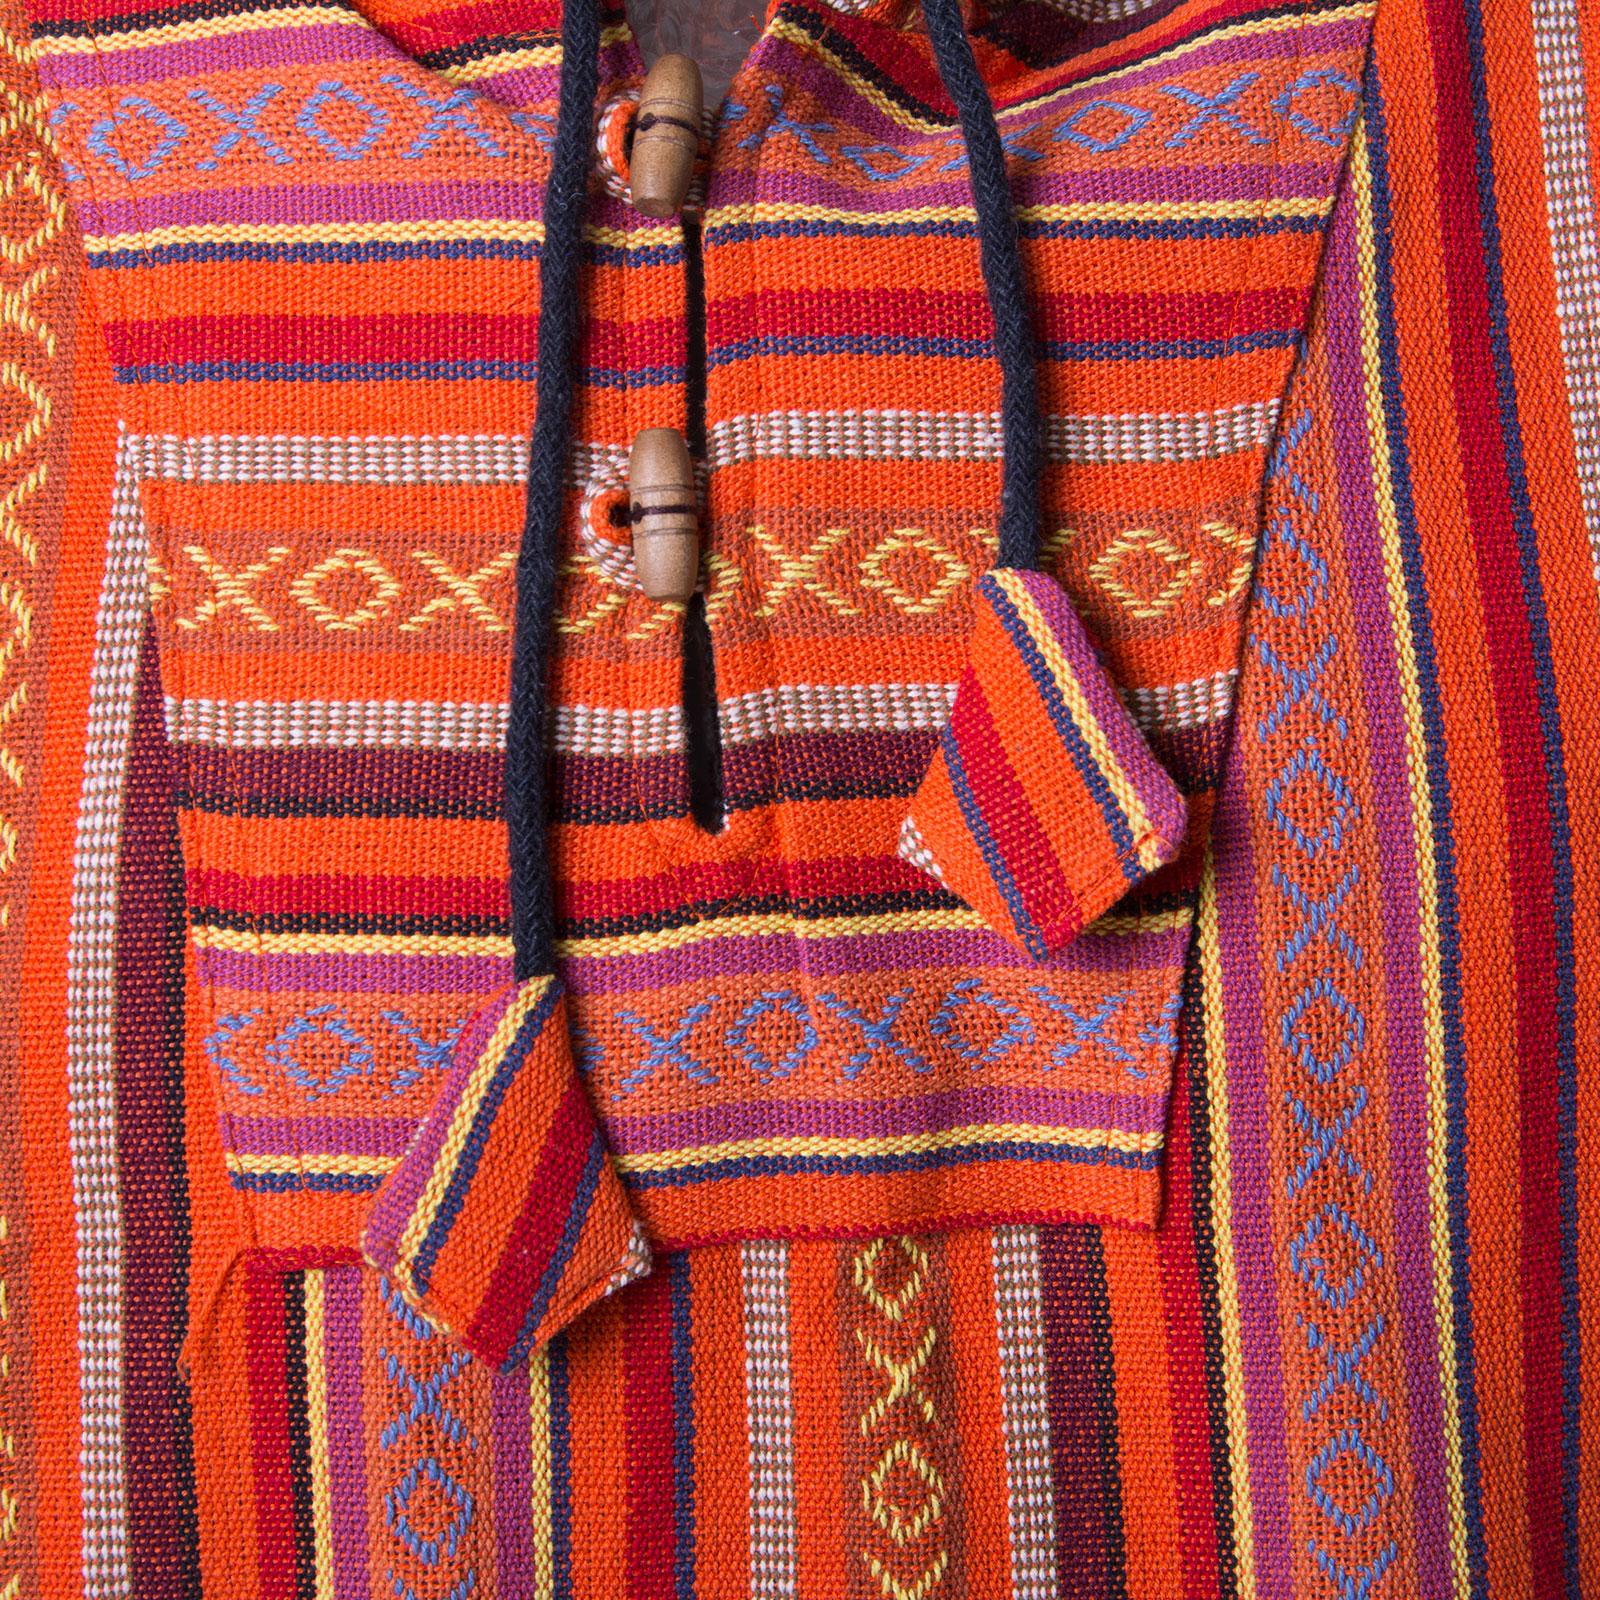 Kunst und Magie Herren Nepal Baja Hoodie Pullover Sweatshirt Poncho – Bild 82d21d2c19